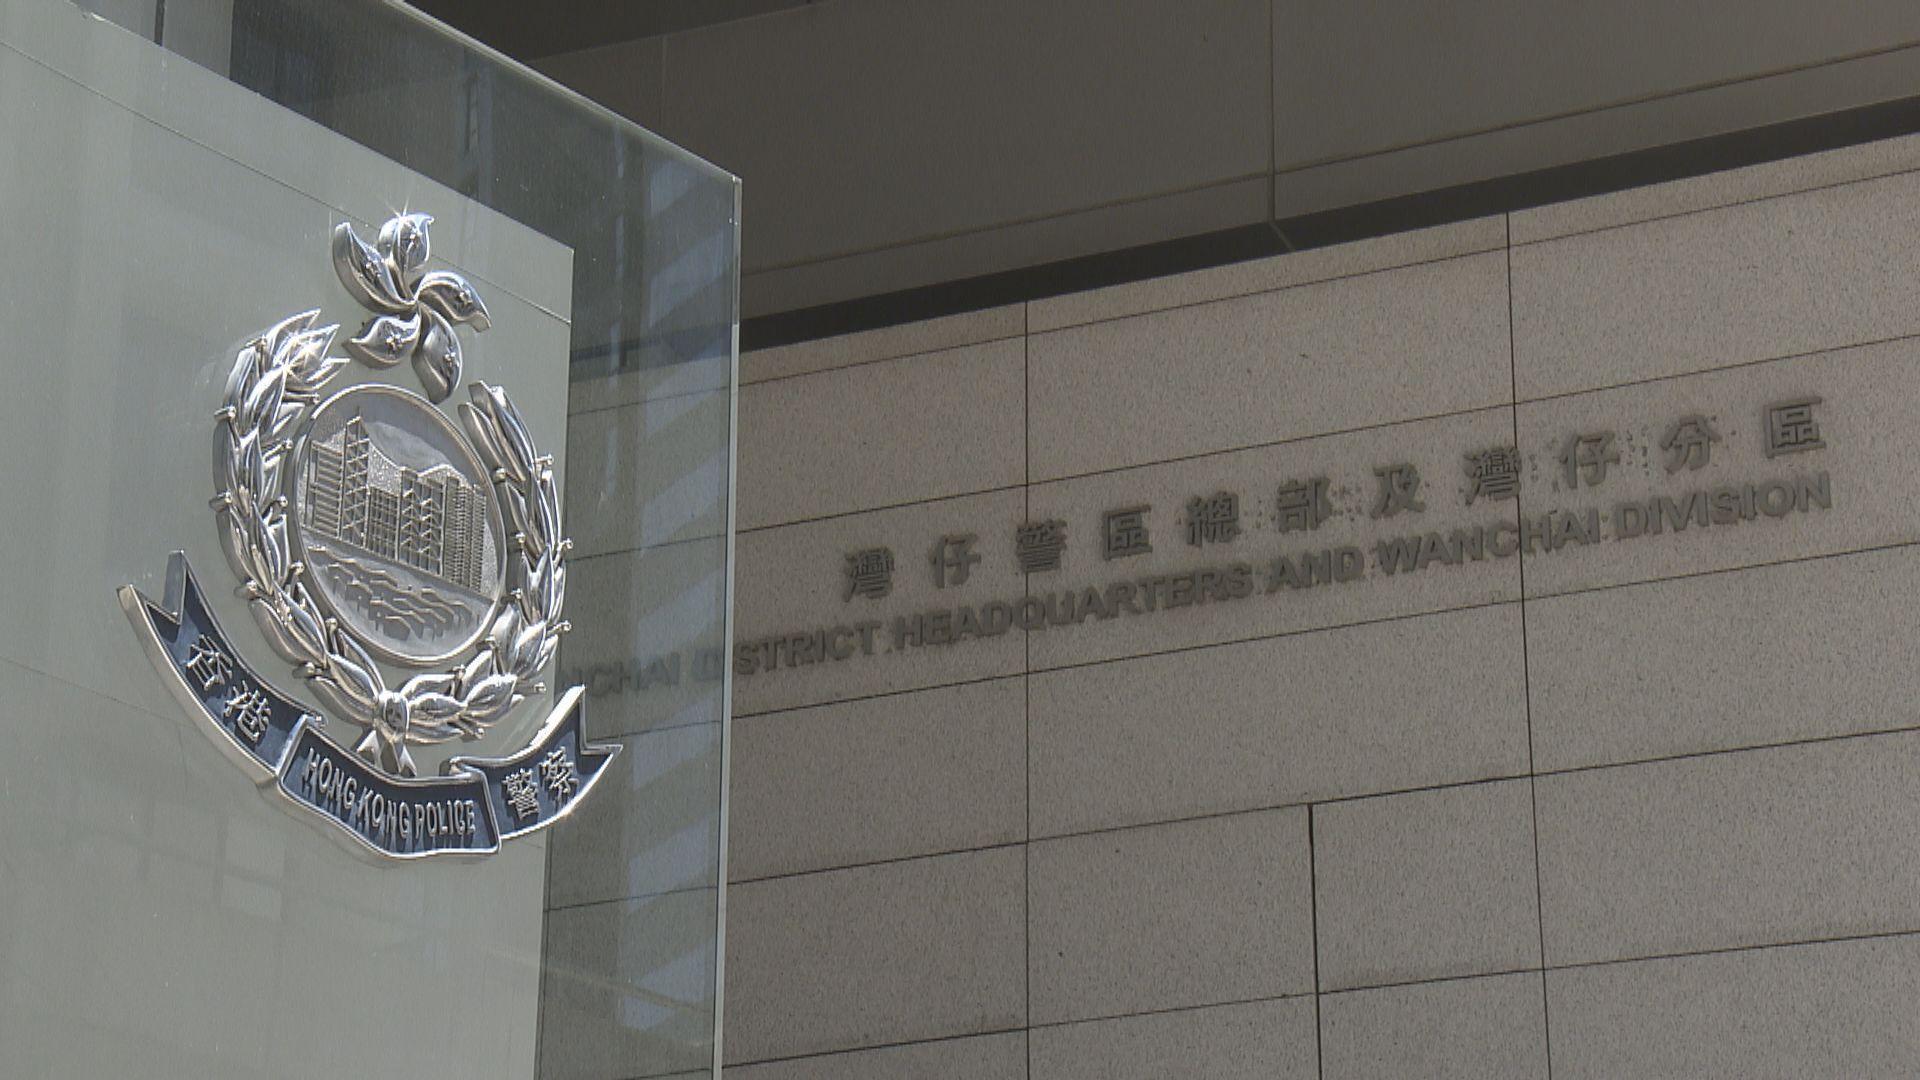 消息:鄧炳強對警署警長涉毒感到震怒及痛心